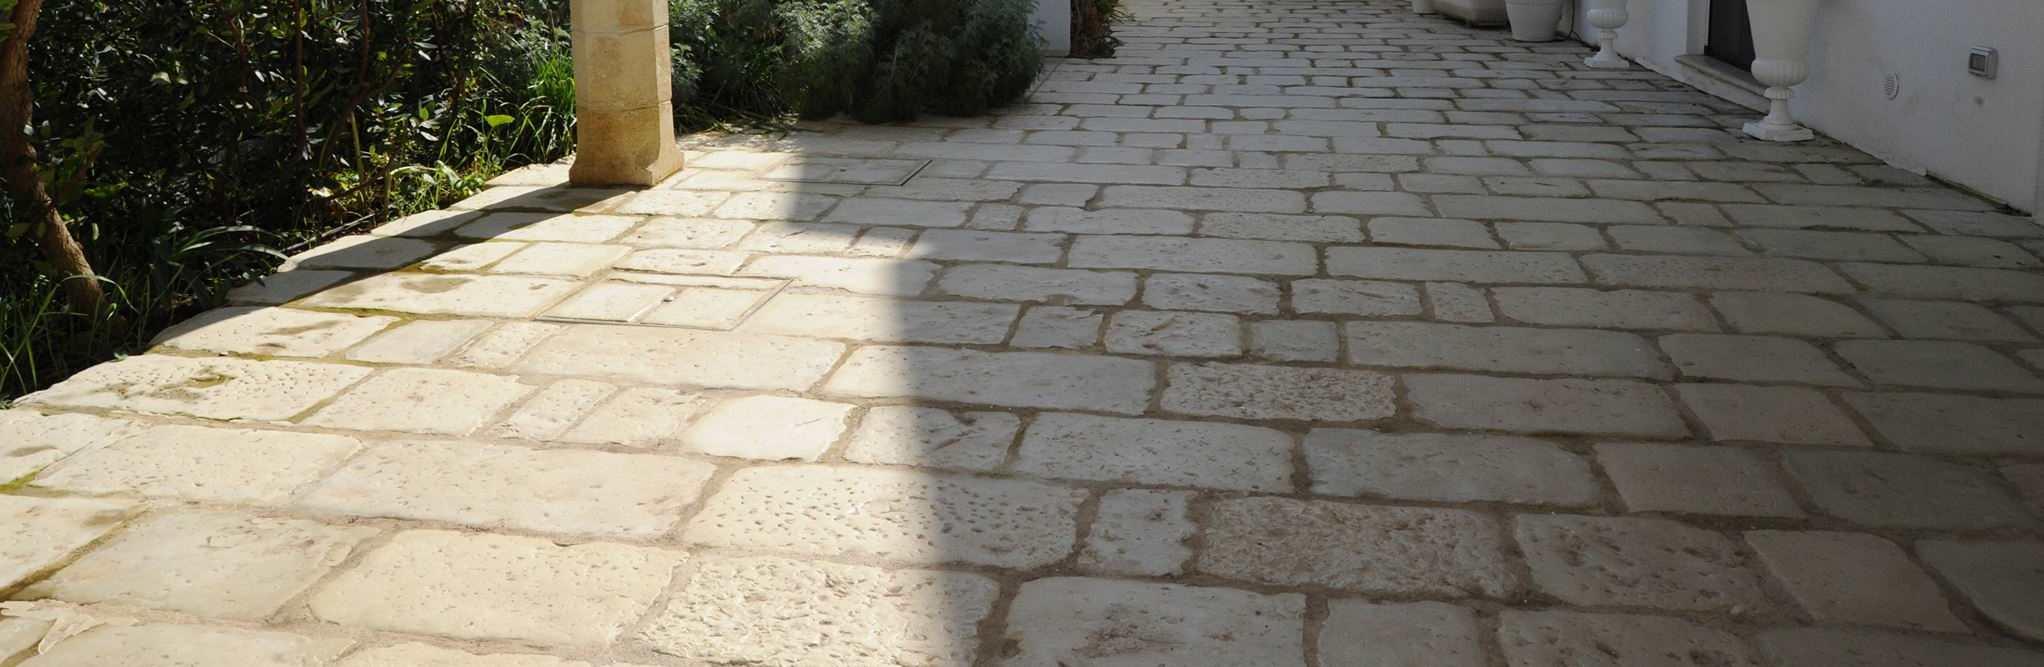 Pavimentare un esterno rinnovare con la pietra - Posa piastrelle a correre ...